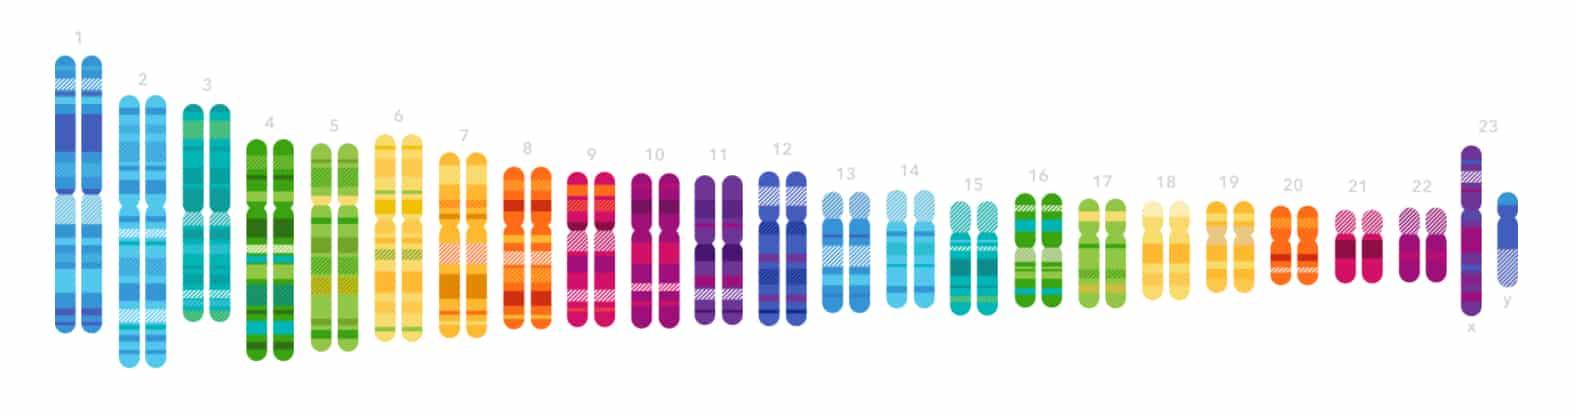 Jak fungují testy DNA